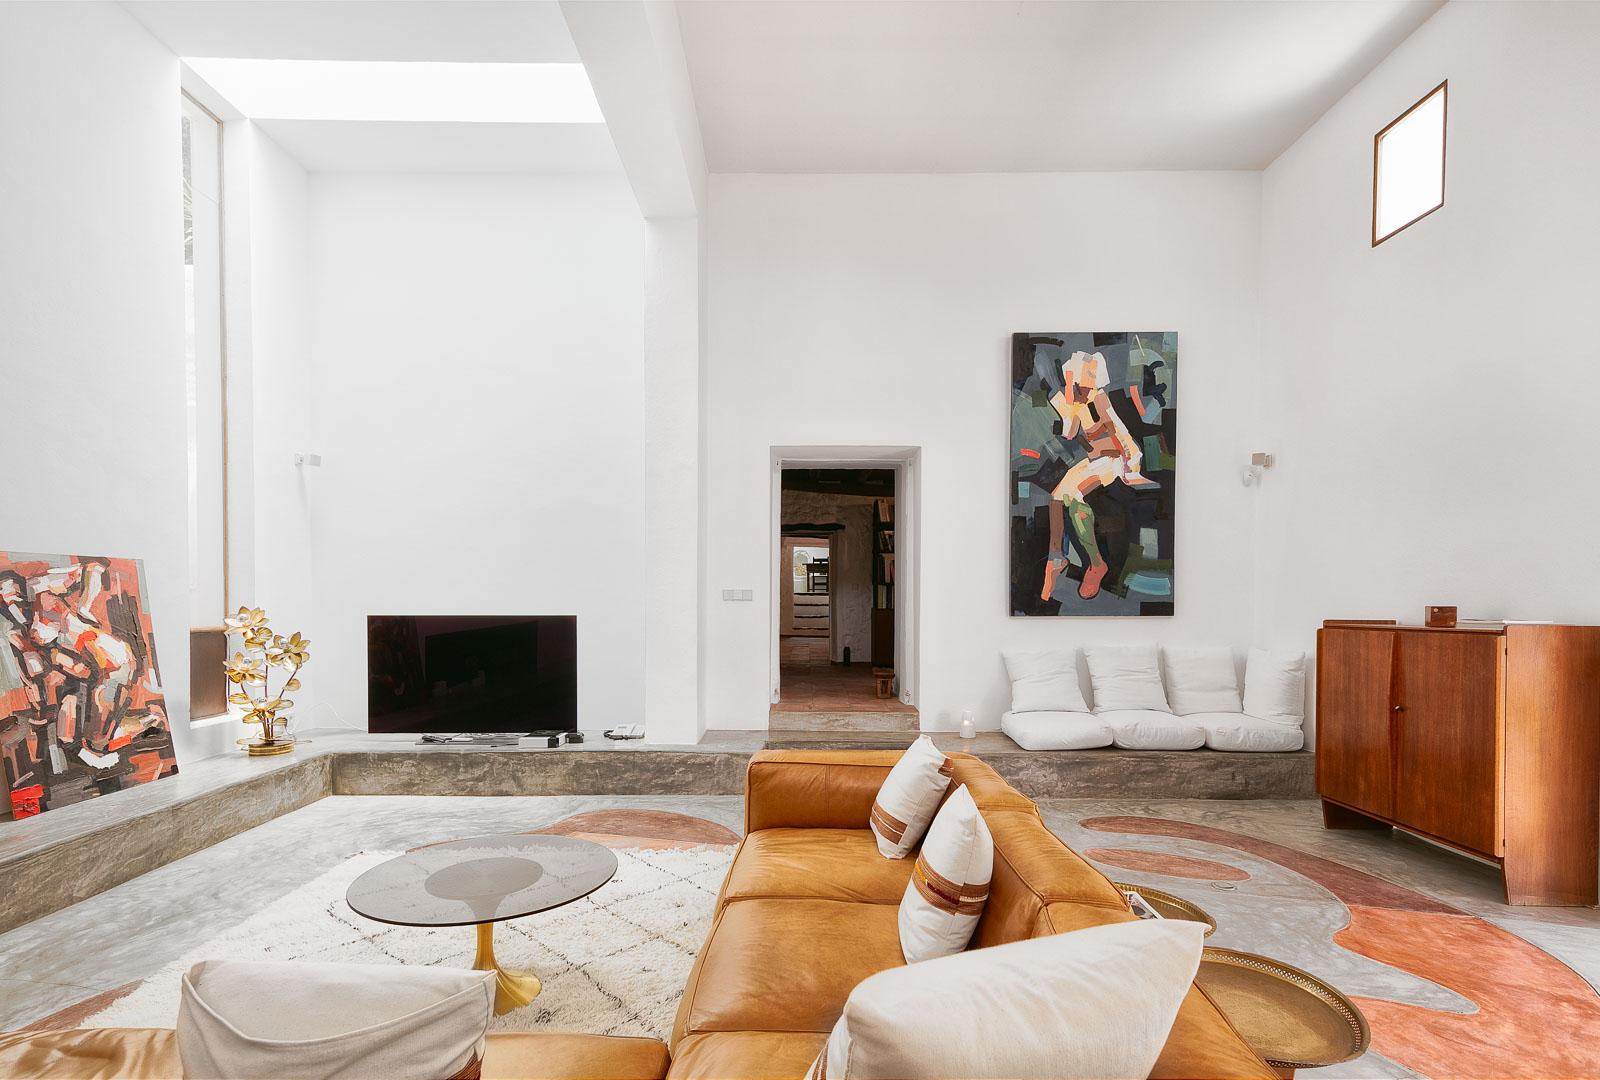 Fotografía interiorismo real State del interior de un salon en villa de sant josep de ibiza